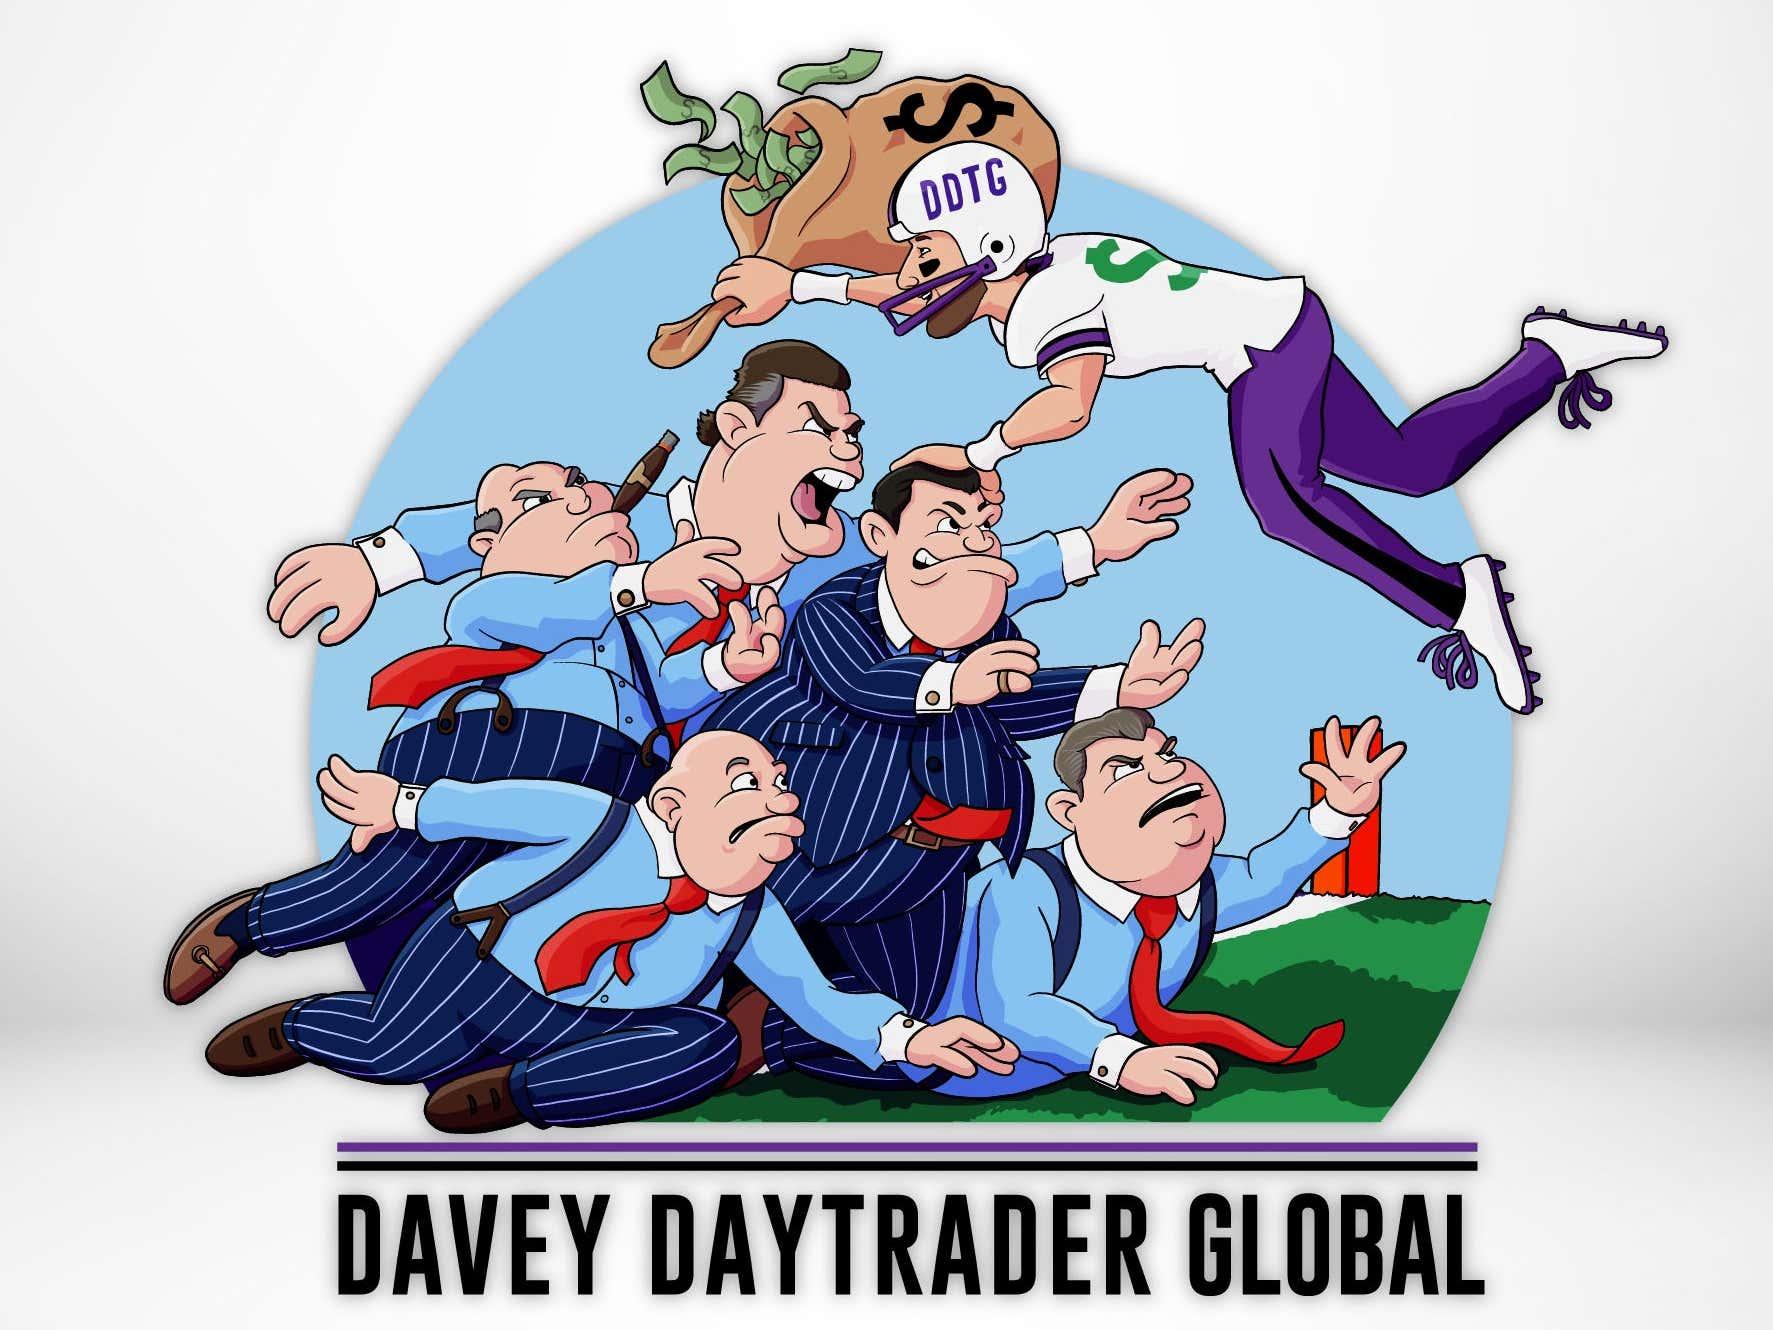 Davey Day Trader